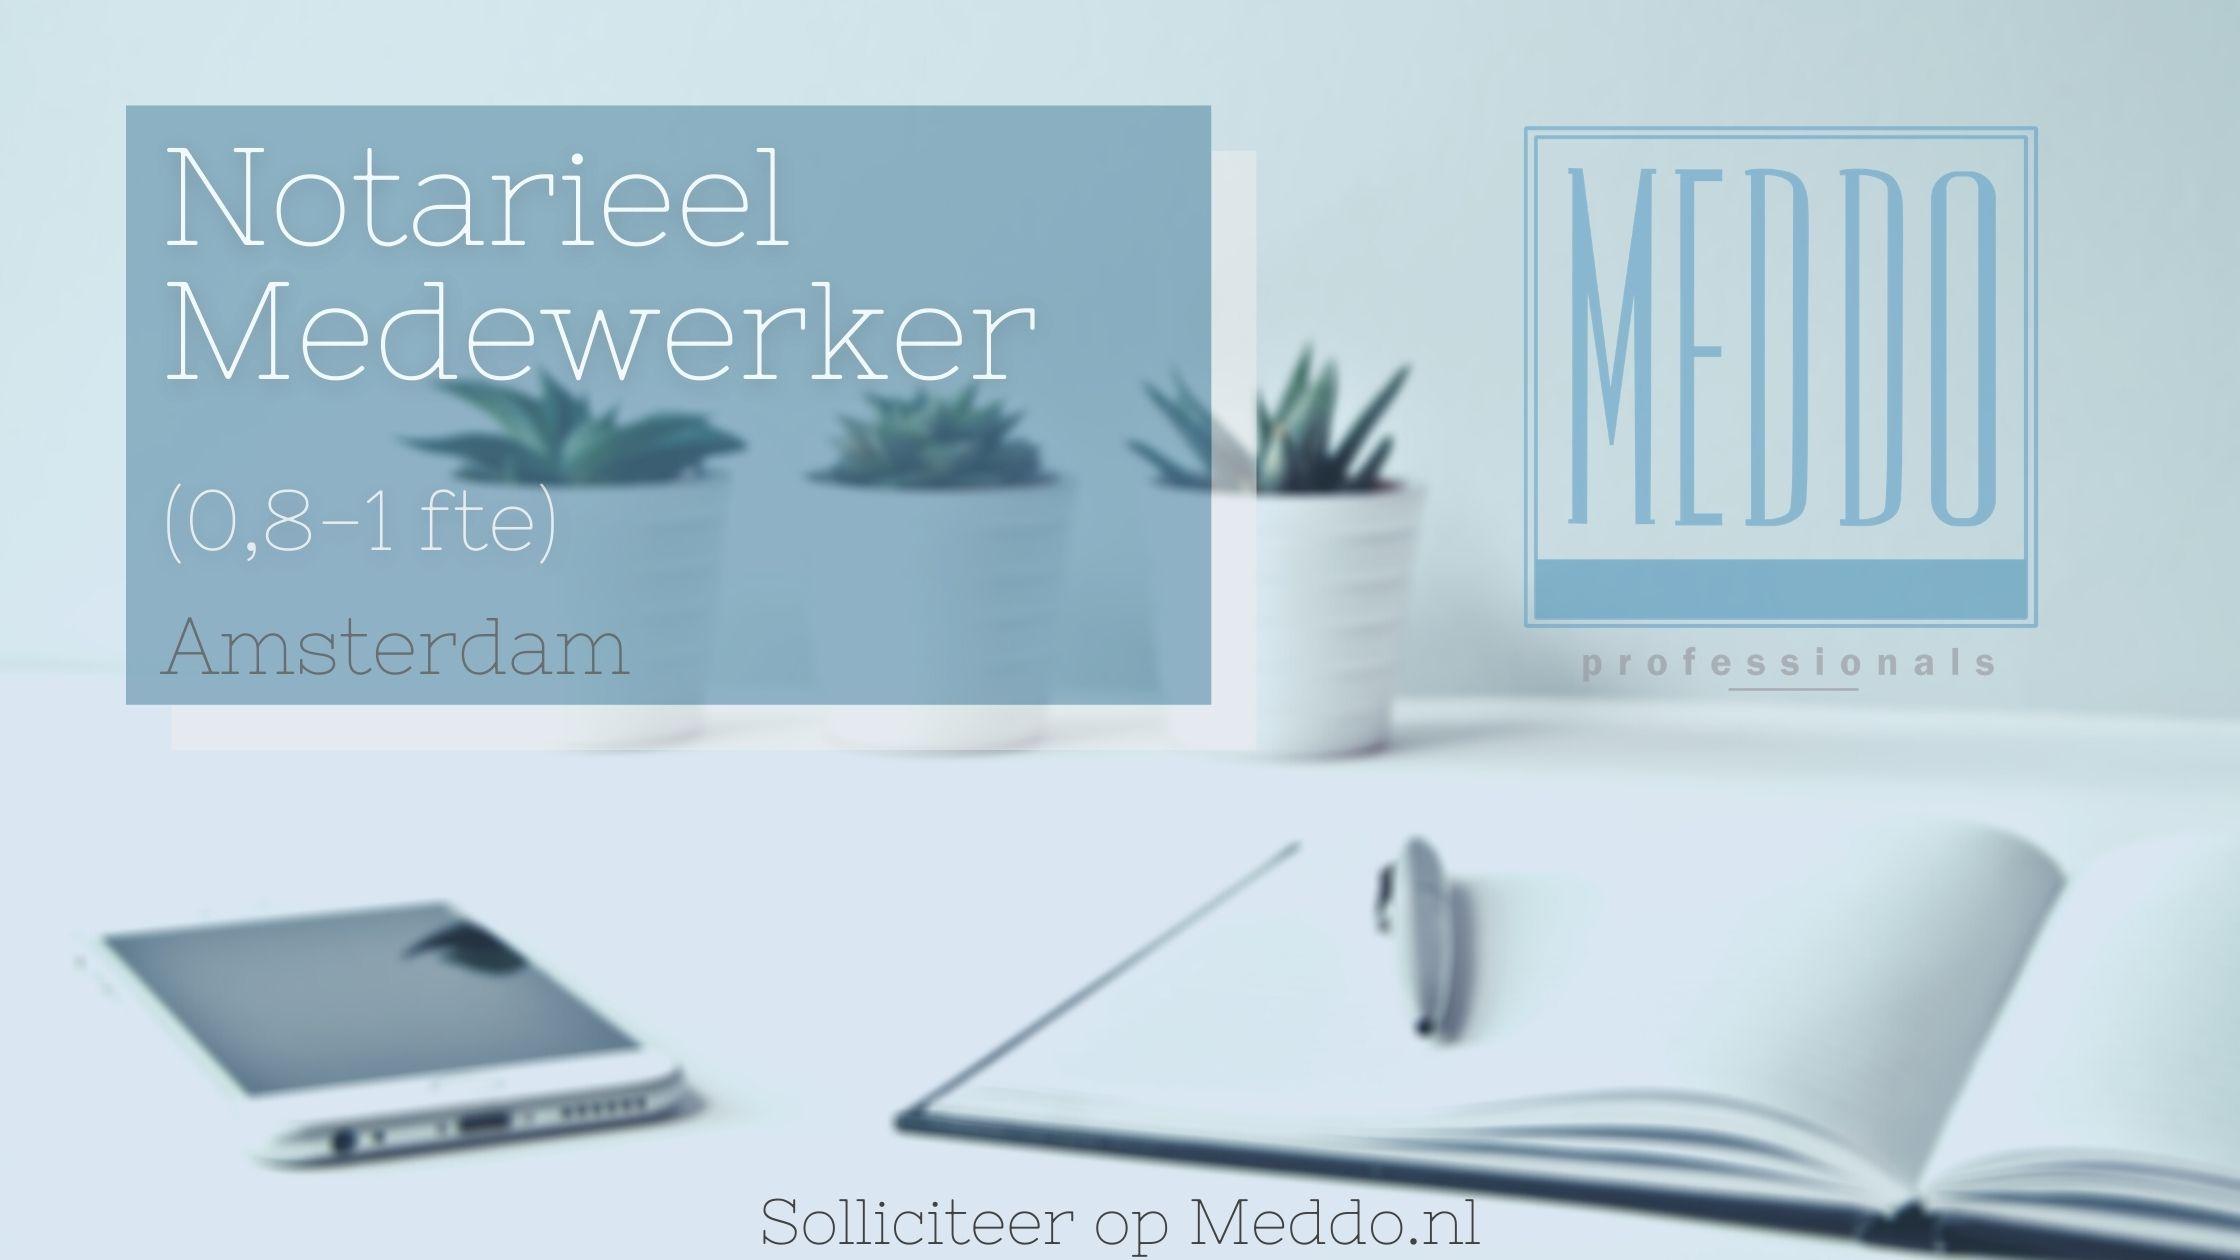 Notarieel Medewerker Amsterdam